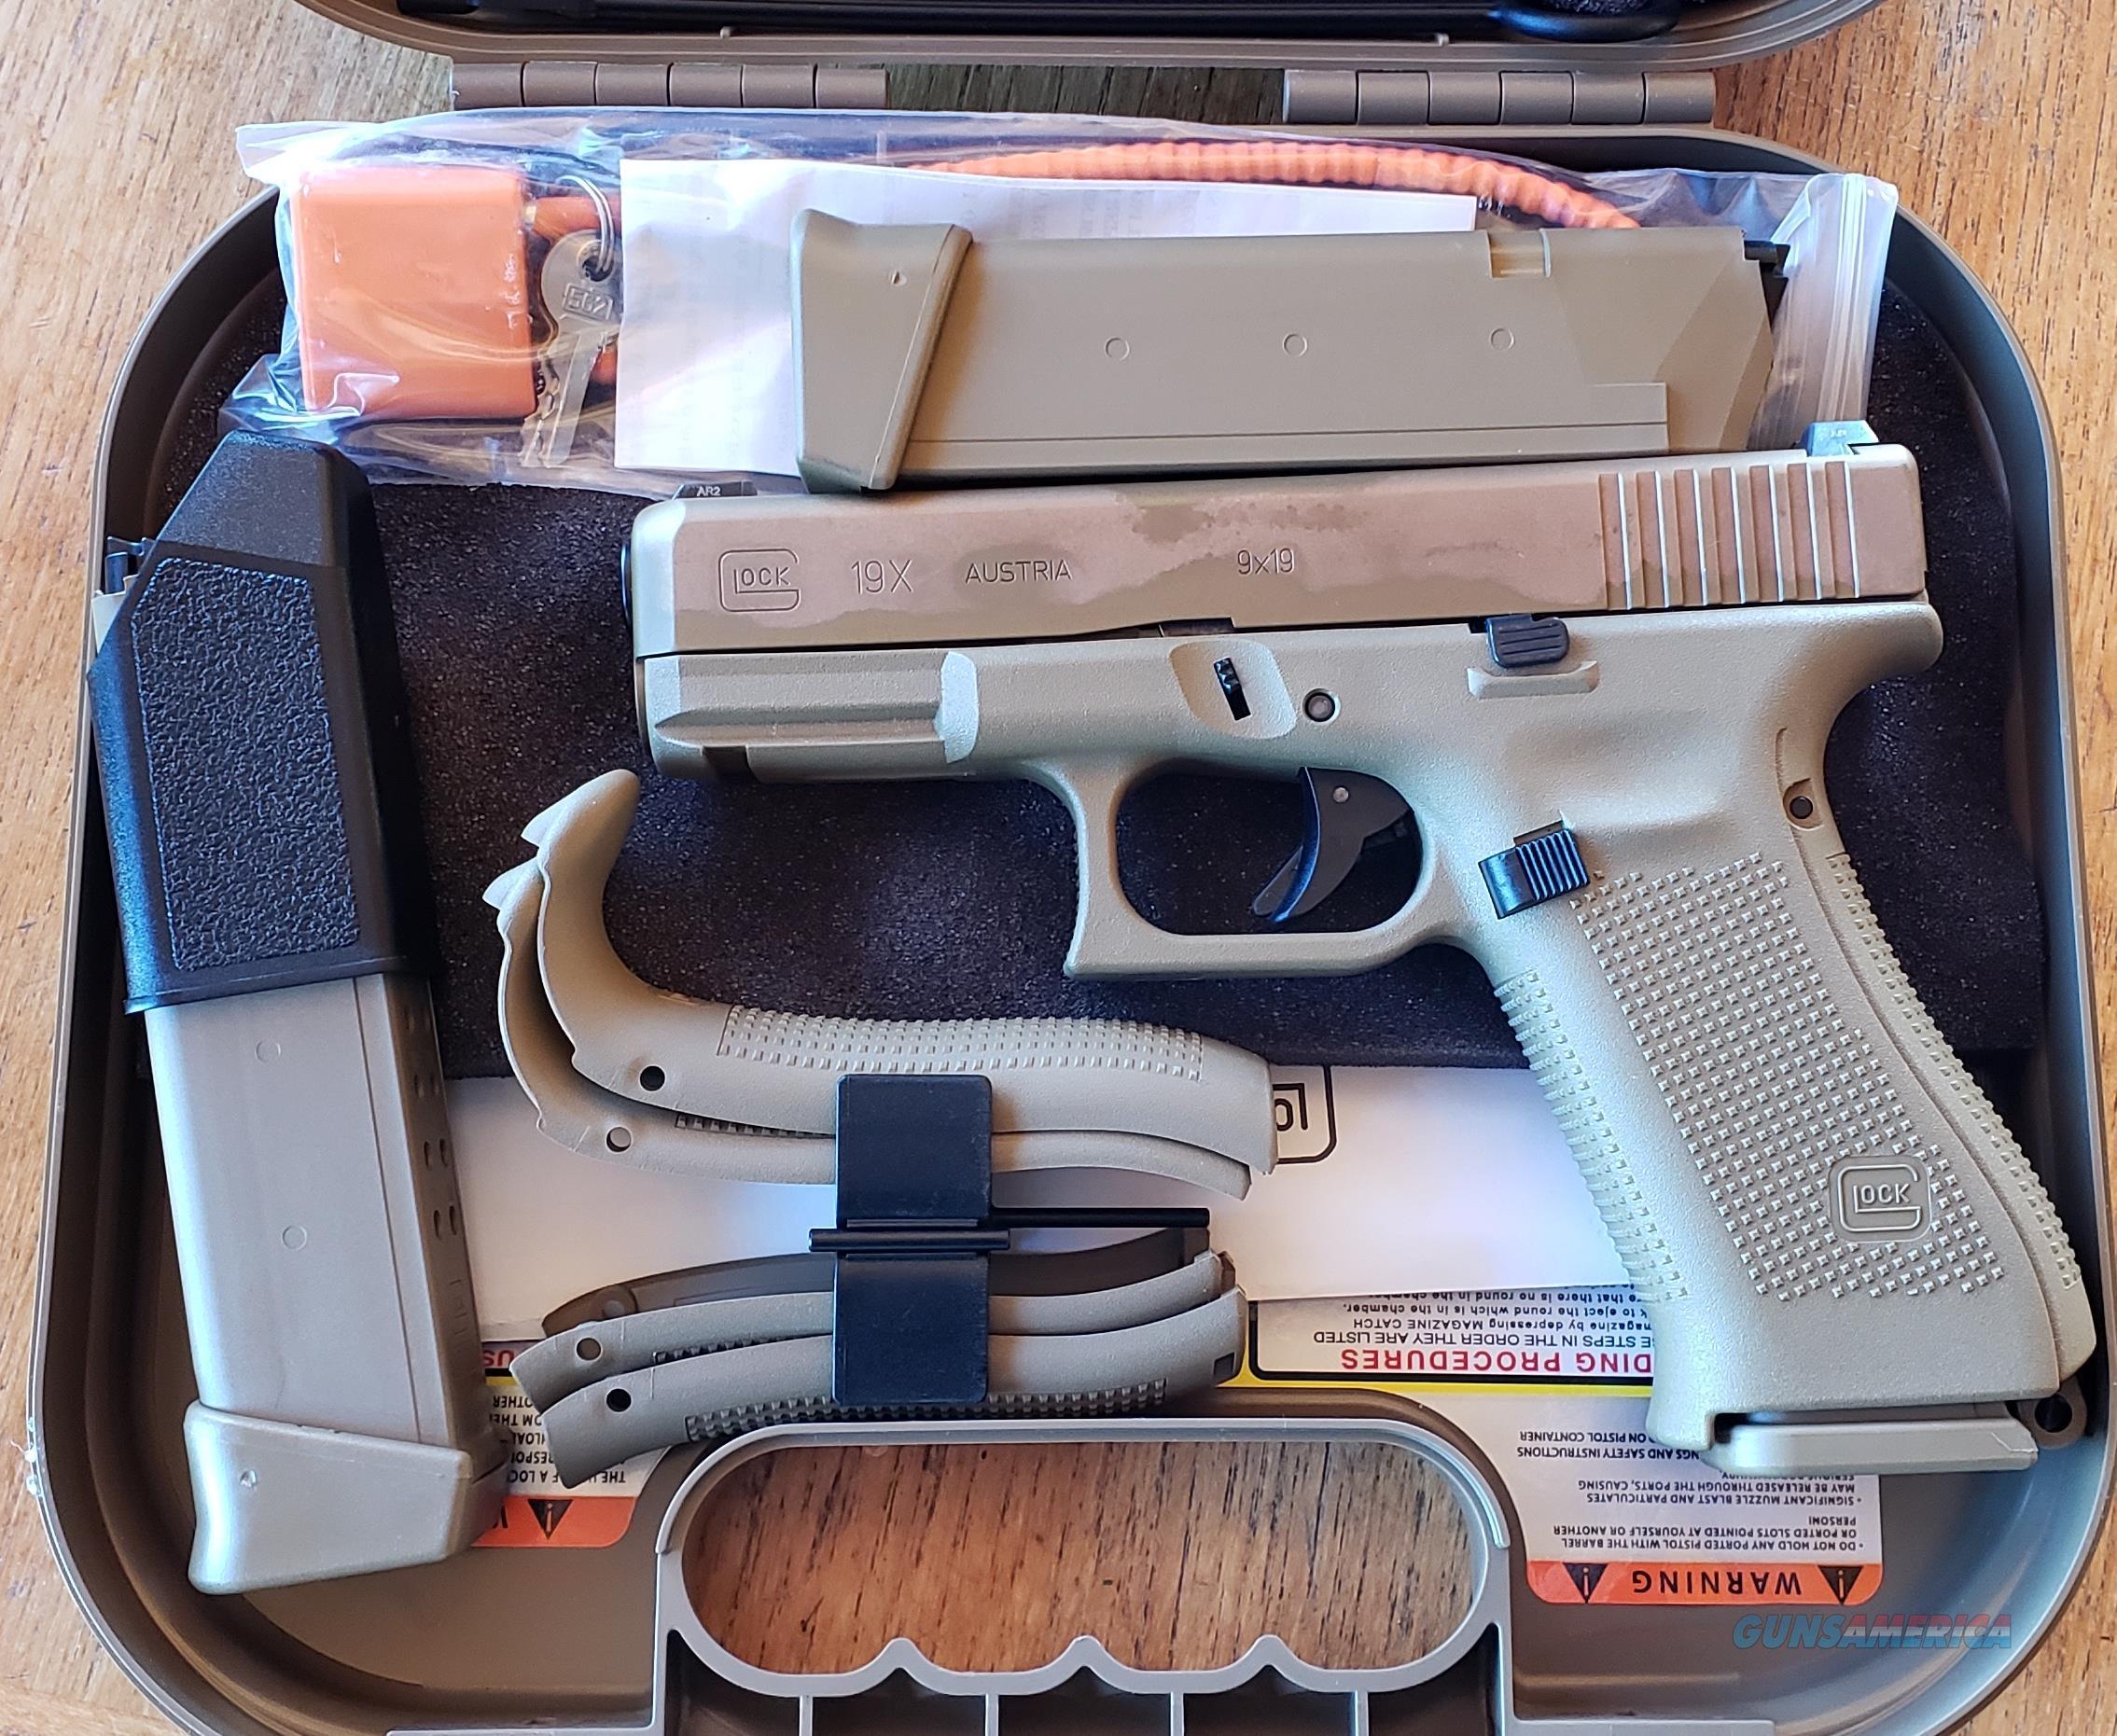 Glock 19X NIB  Guns > Pistols > Glock Pistols > 19/19X